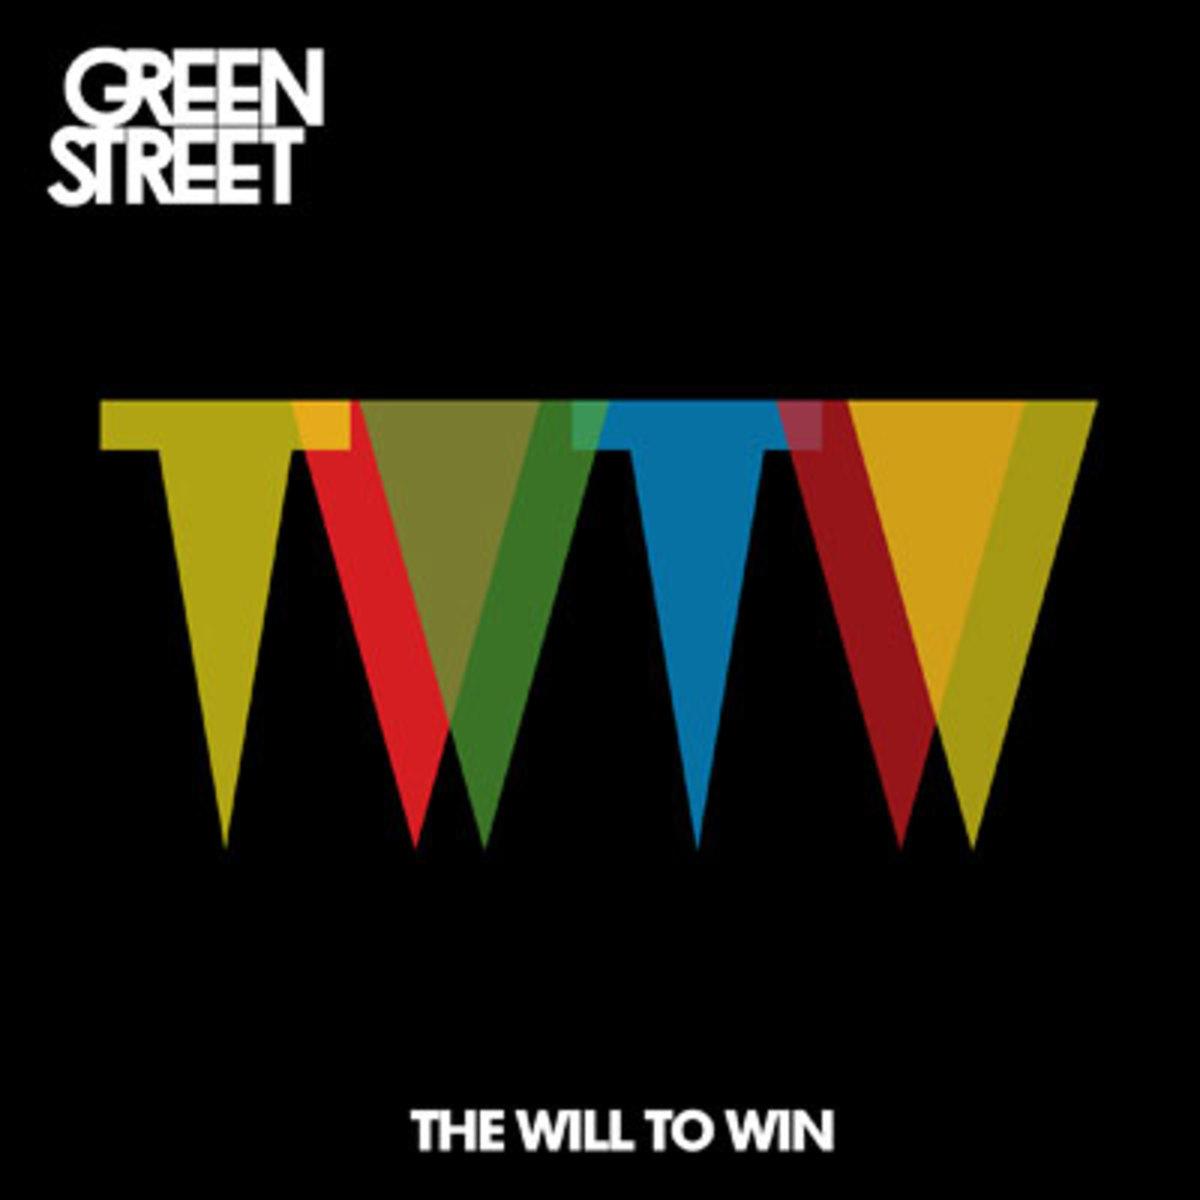 greenstreet-twtw.jpg